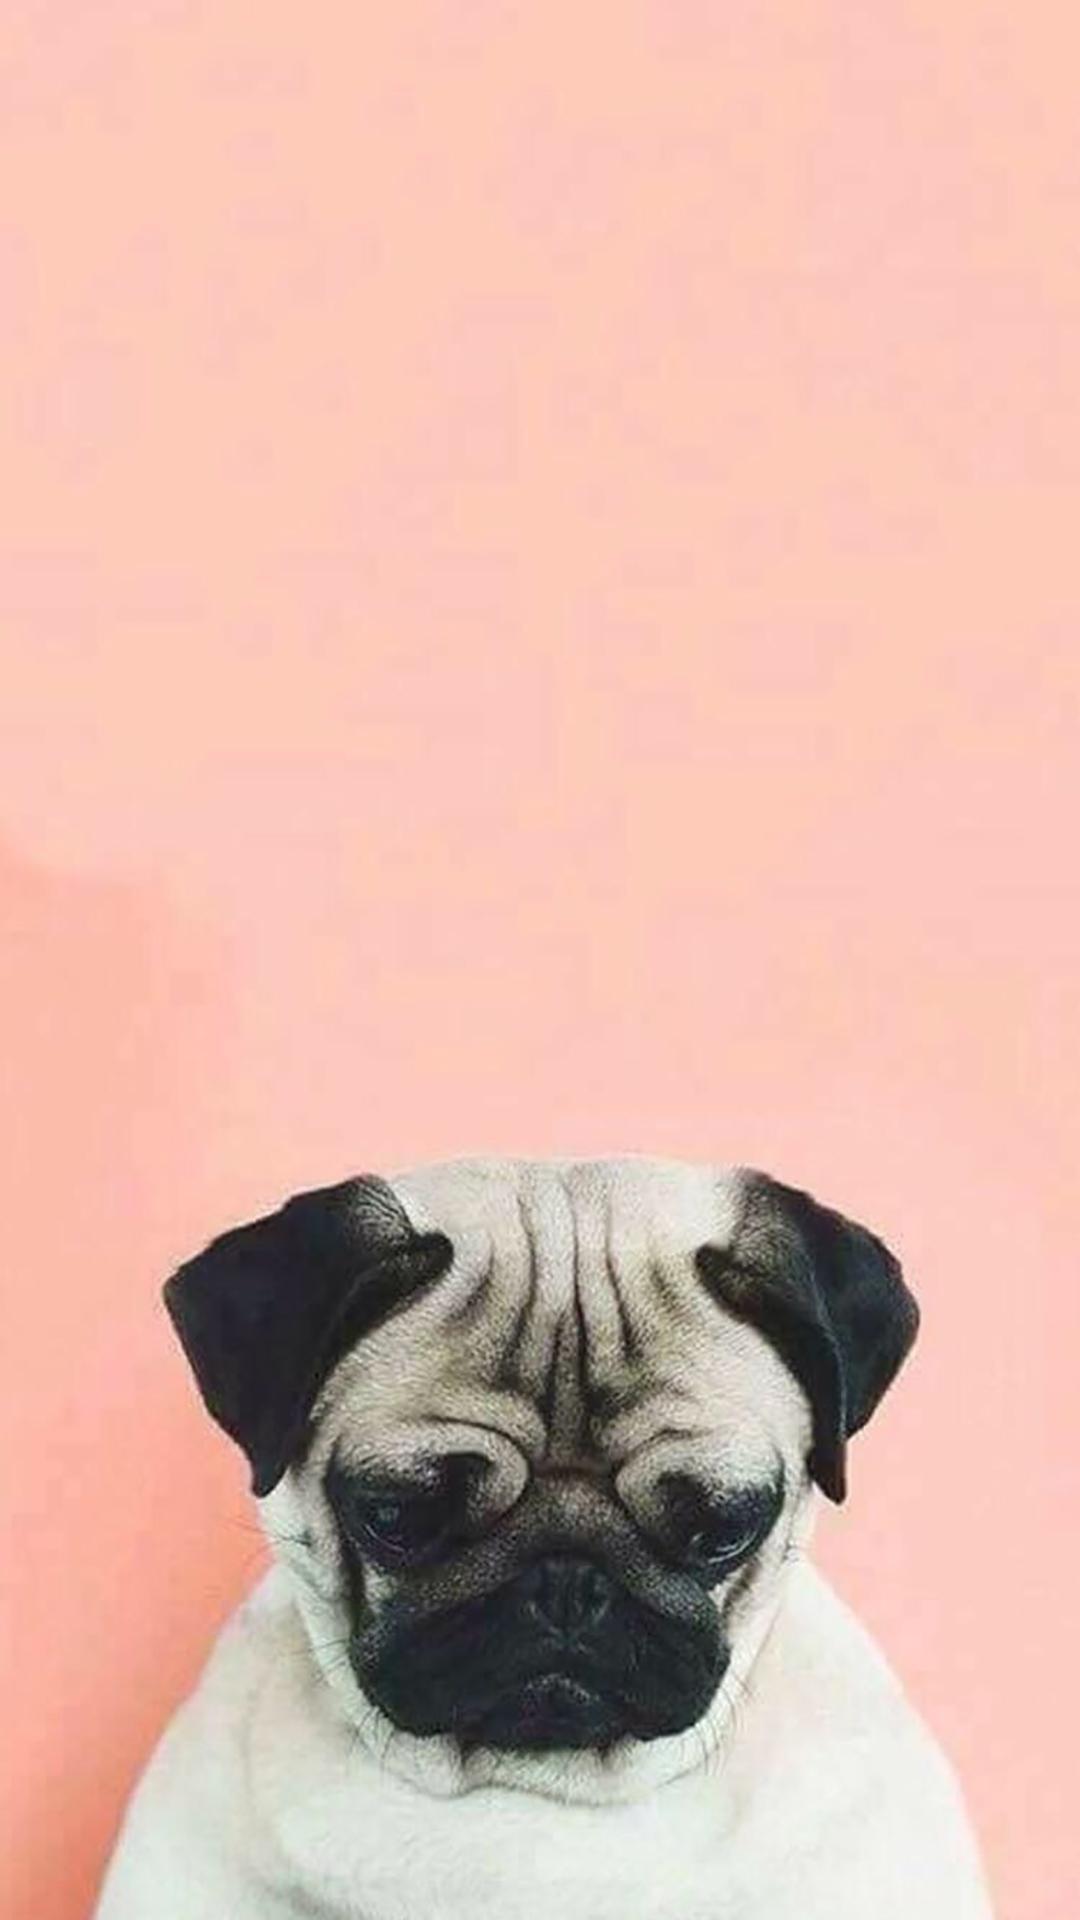 Cute Aesthetic Bulldog Wallpapers Download